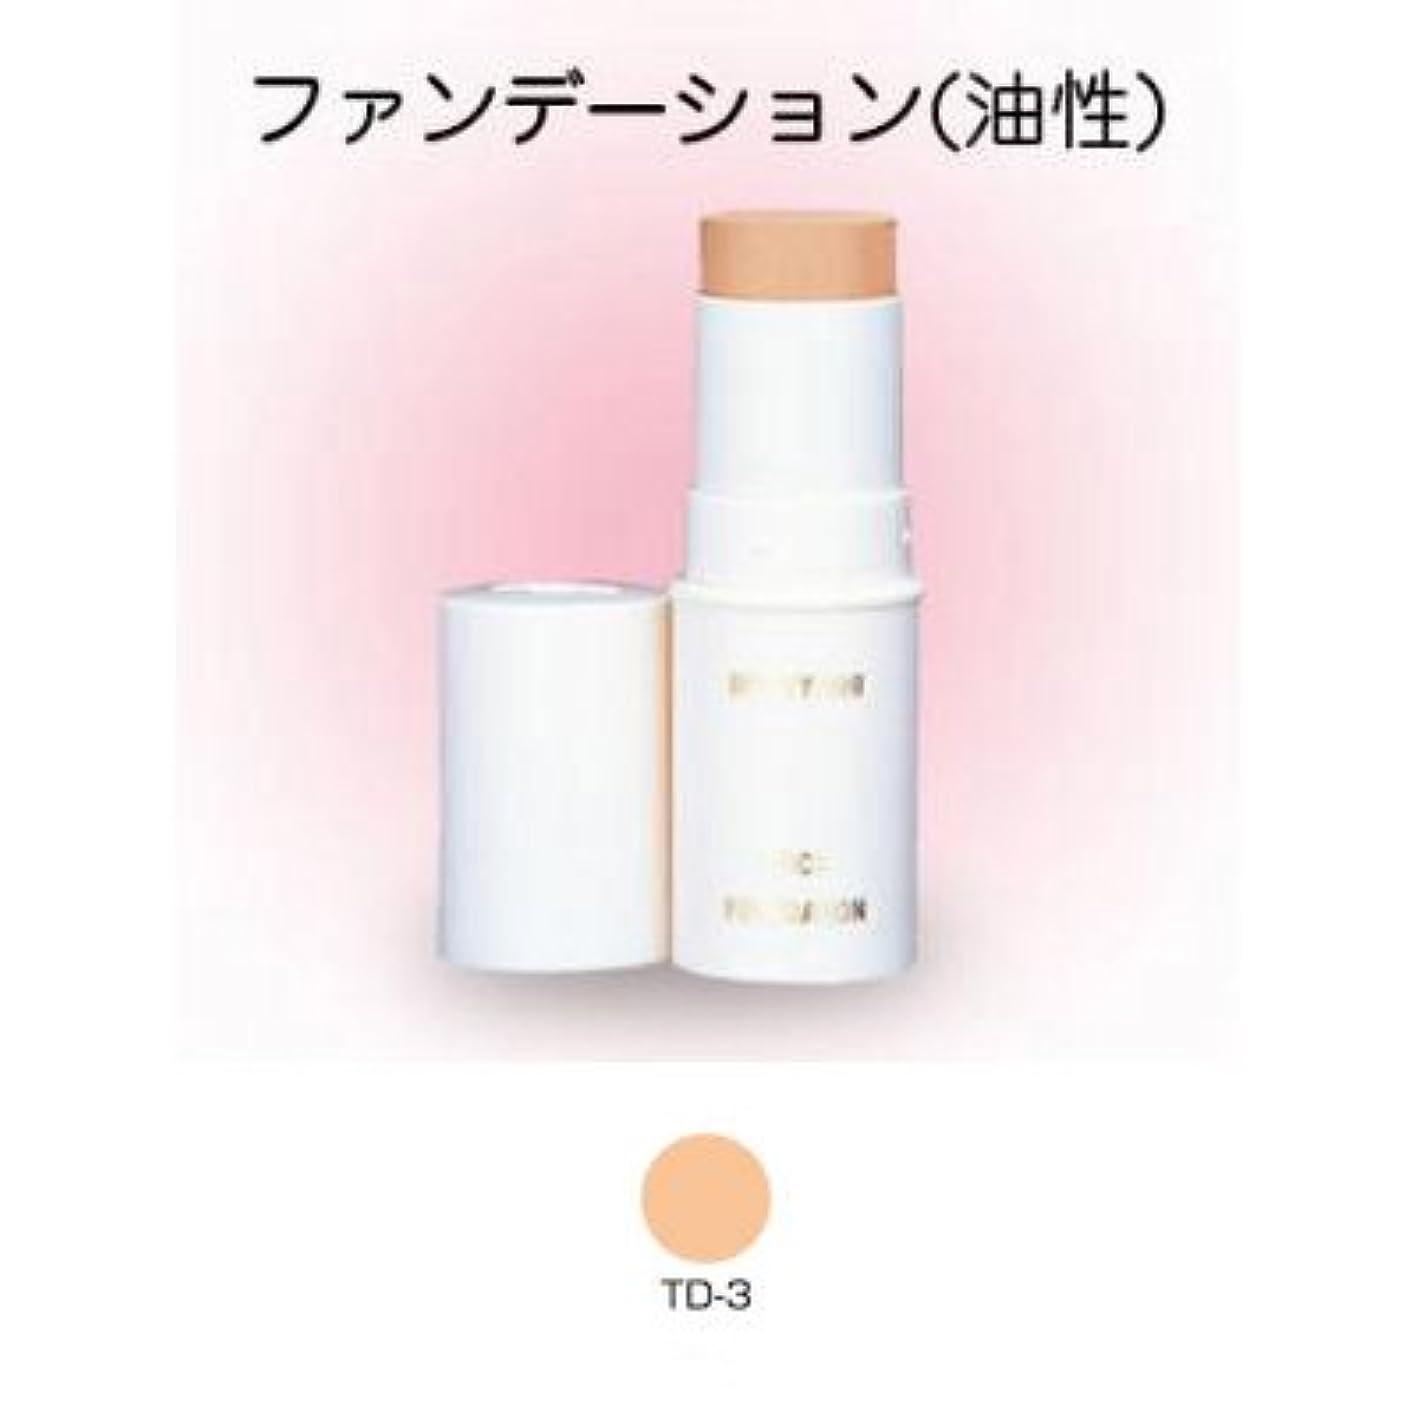 愛情事件、出来事バックスティックファンデーション 16g TD-3 【三善】